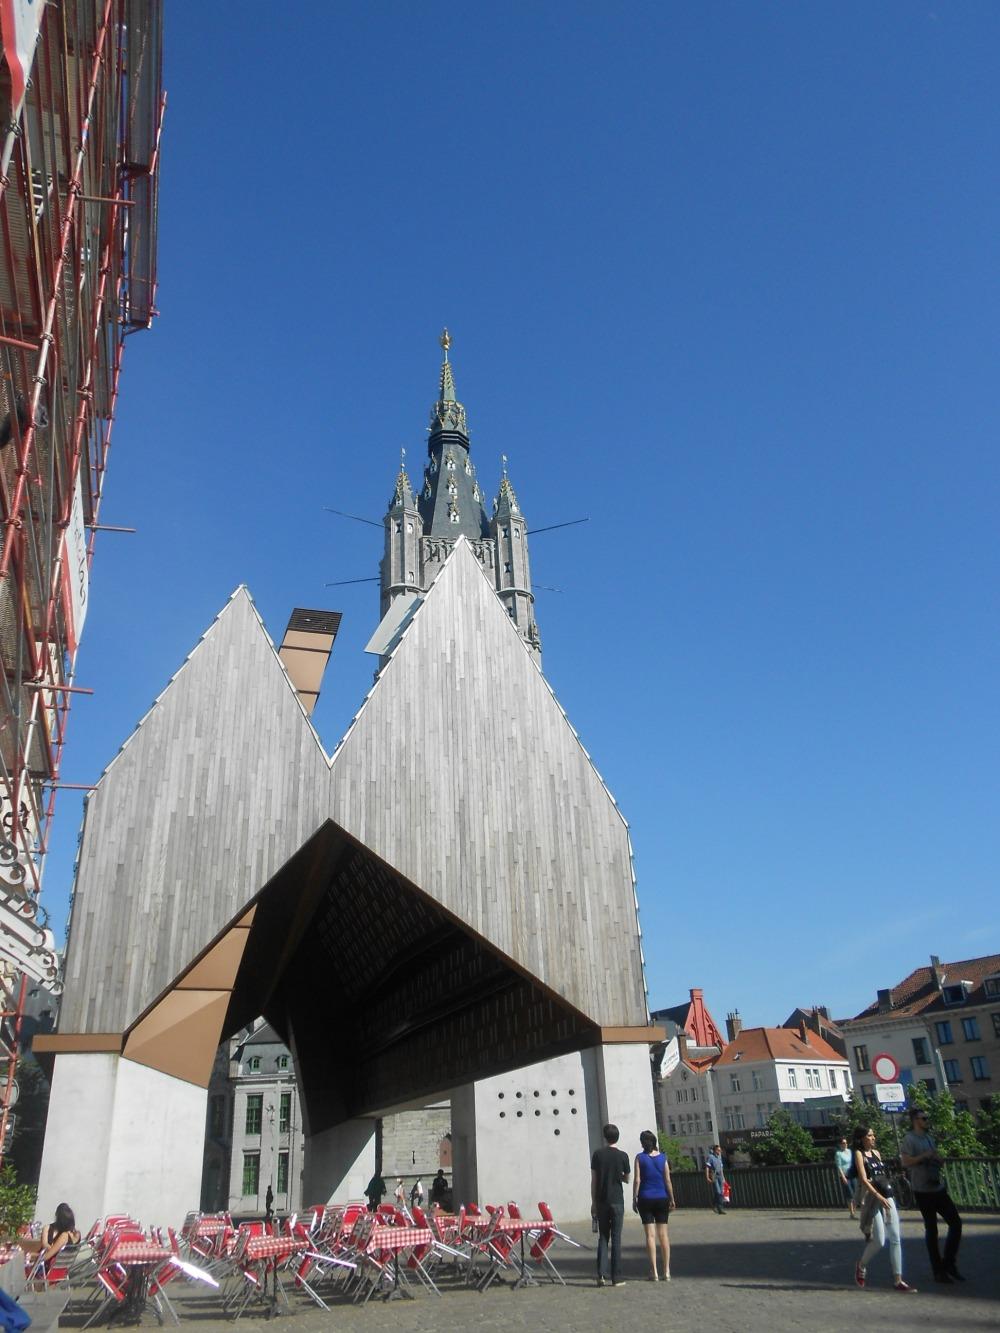 Modern buildings in Ghent